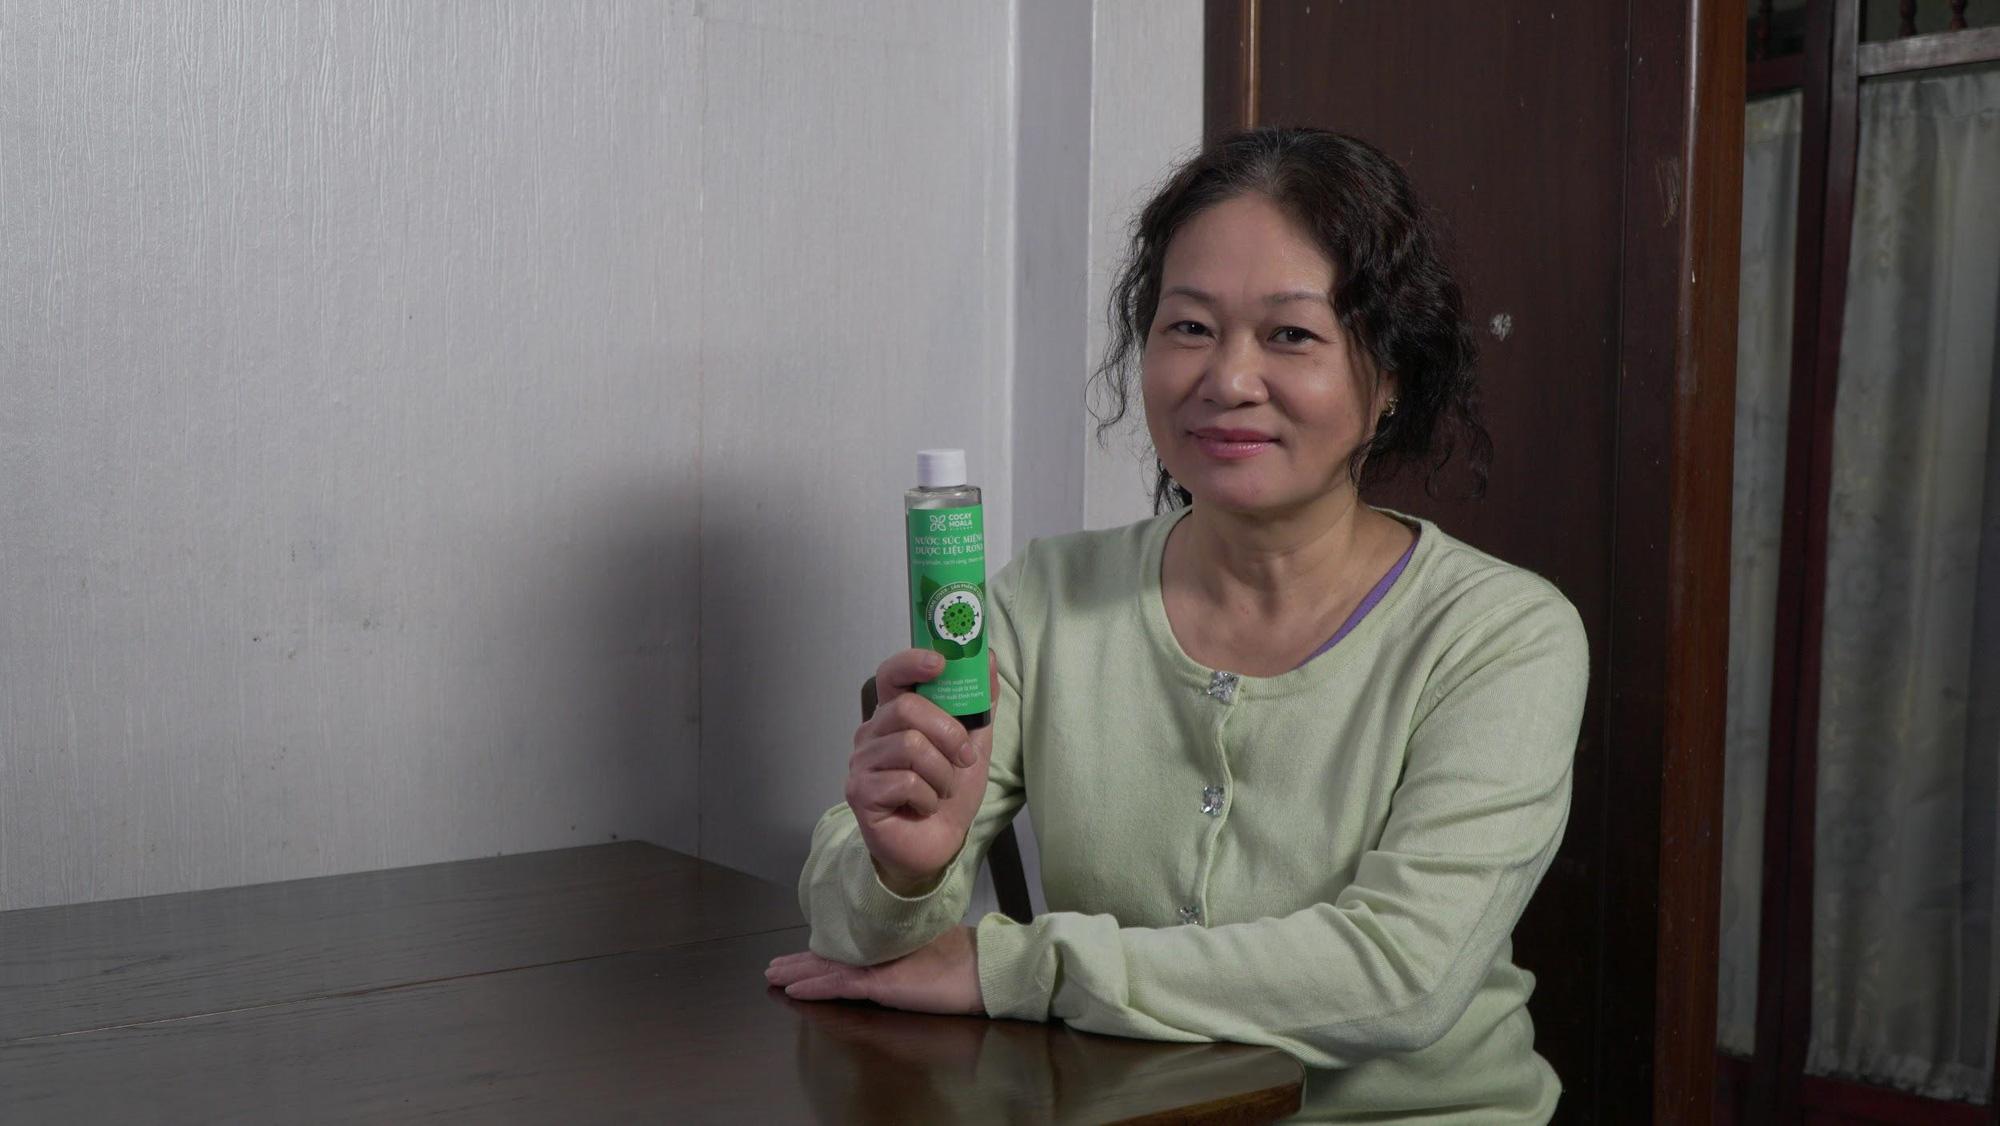 Nước súc miệng dược liệu Rona có thực sự khắc phục được hôi miệng và chảy máu chân răng? - Ảnh 5.